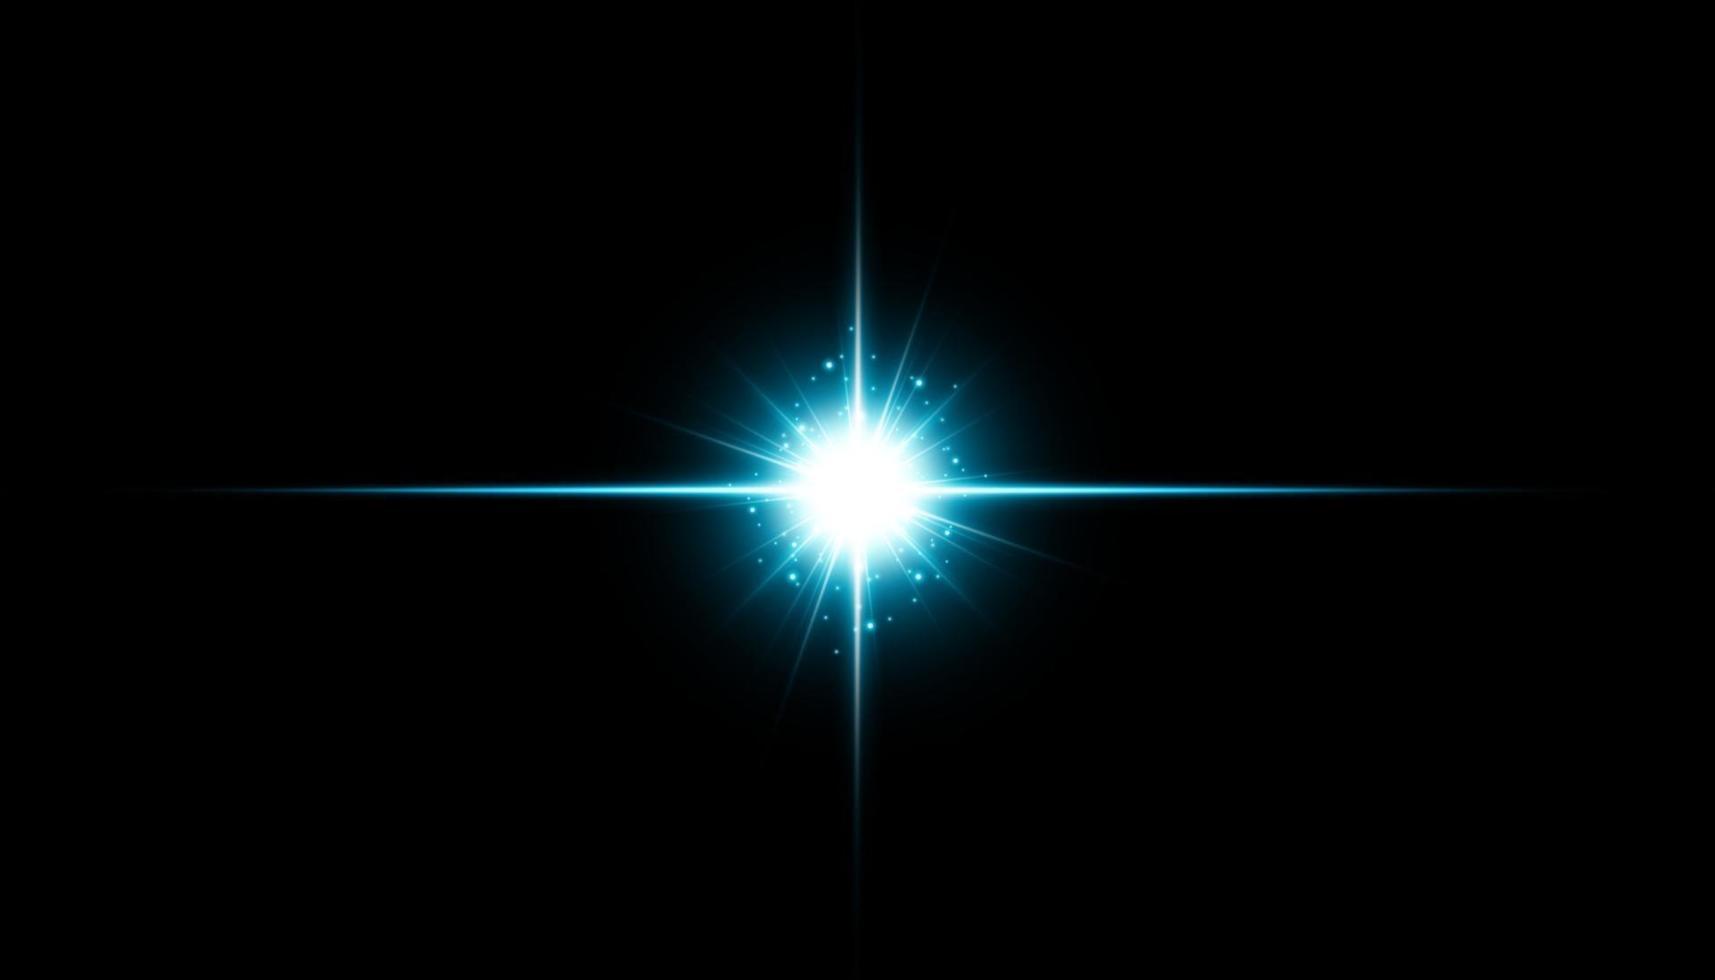 glödisolerad blå transparent effekt, linsflare, explosion, glitter, linje, solblixt, gnista och stjärnor. för illustration mall konst design, banner för jul fira, magiska blixt energi ray. vektor